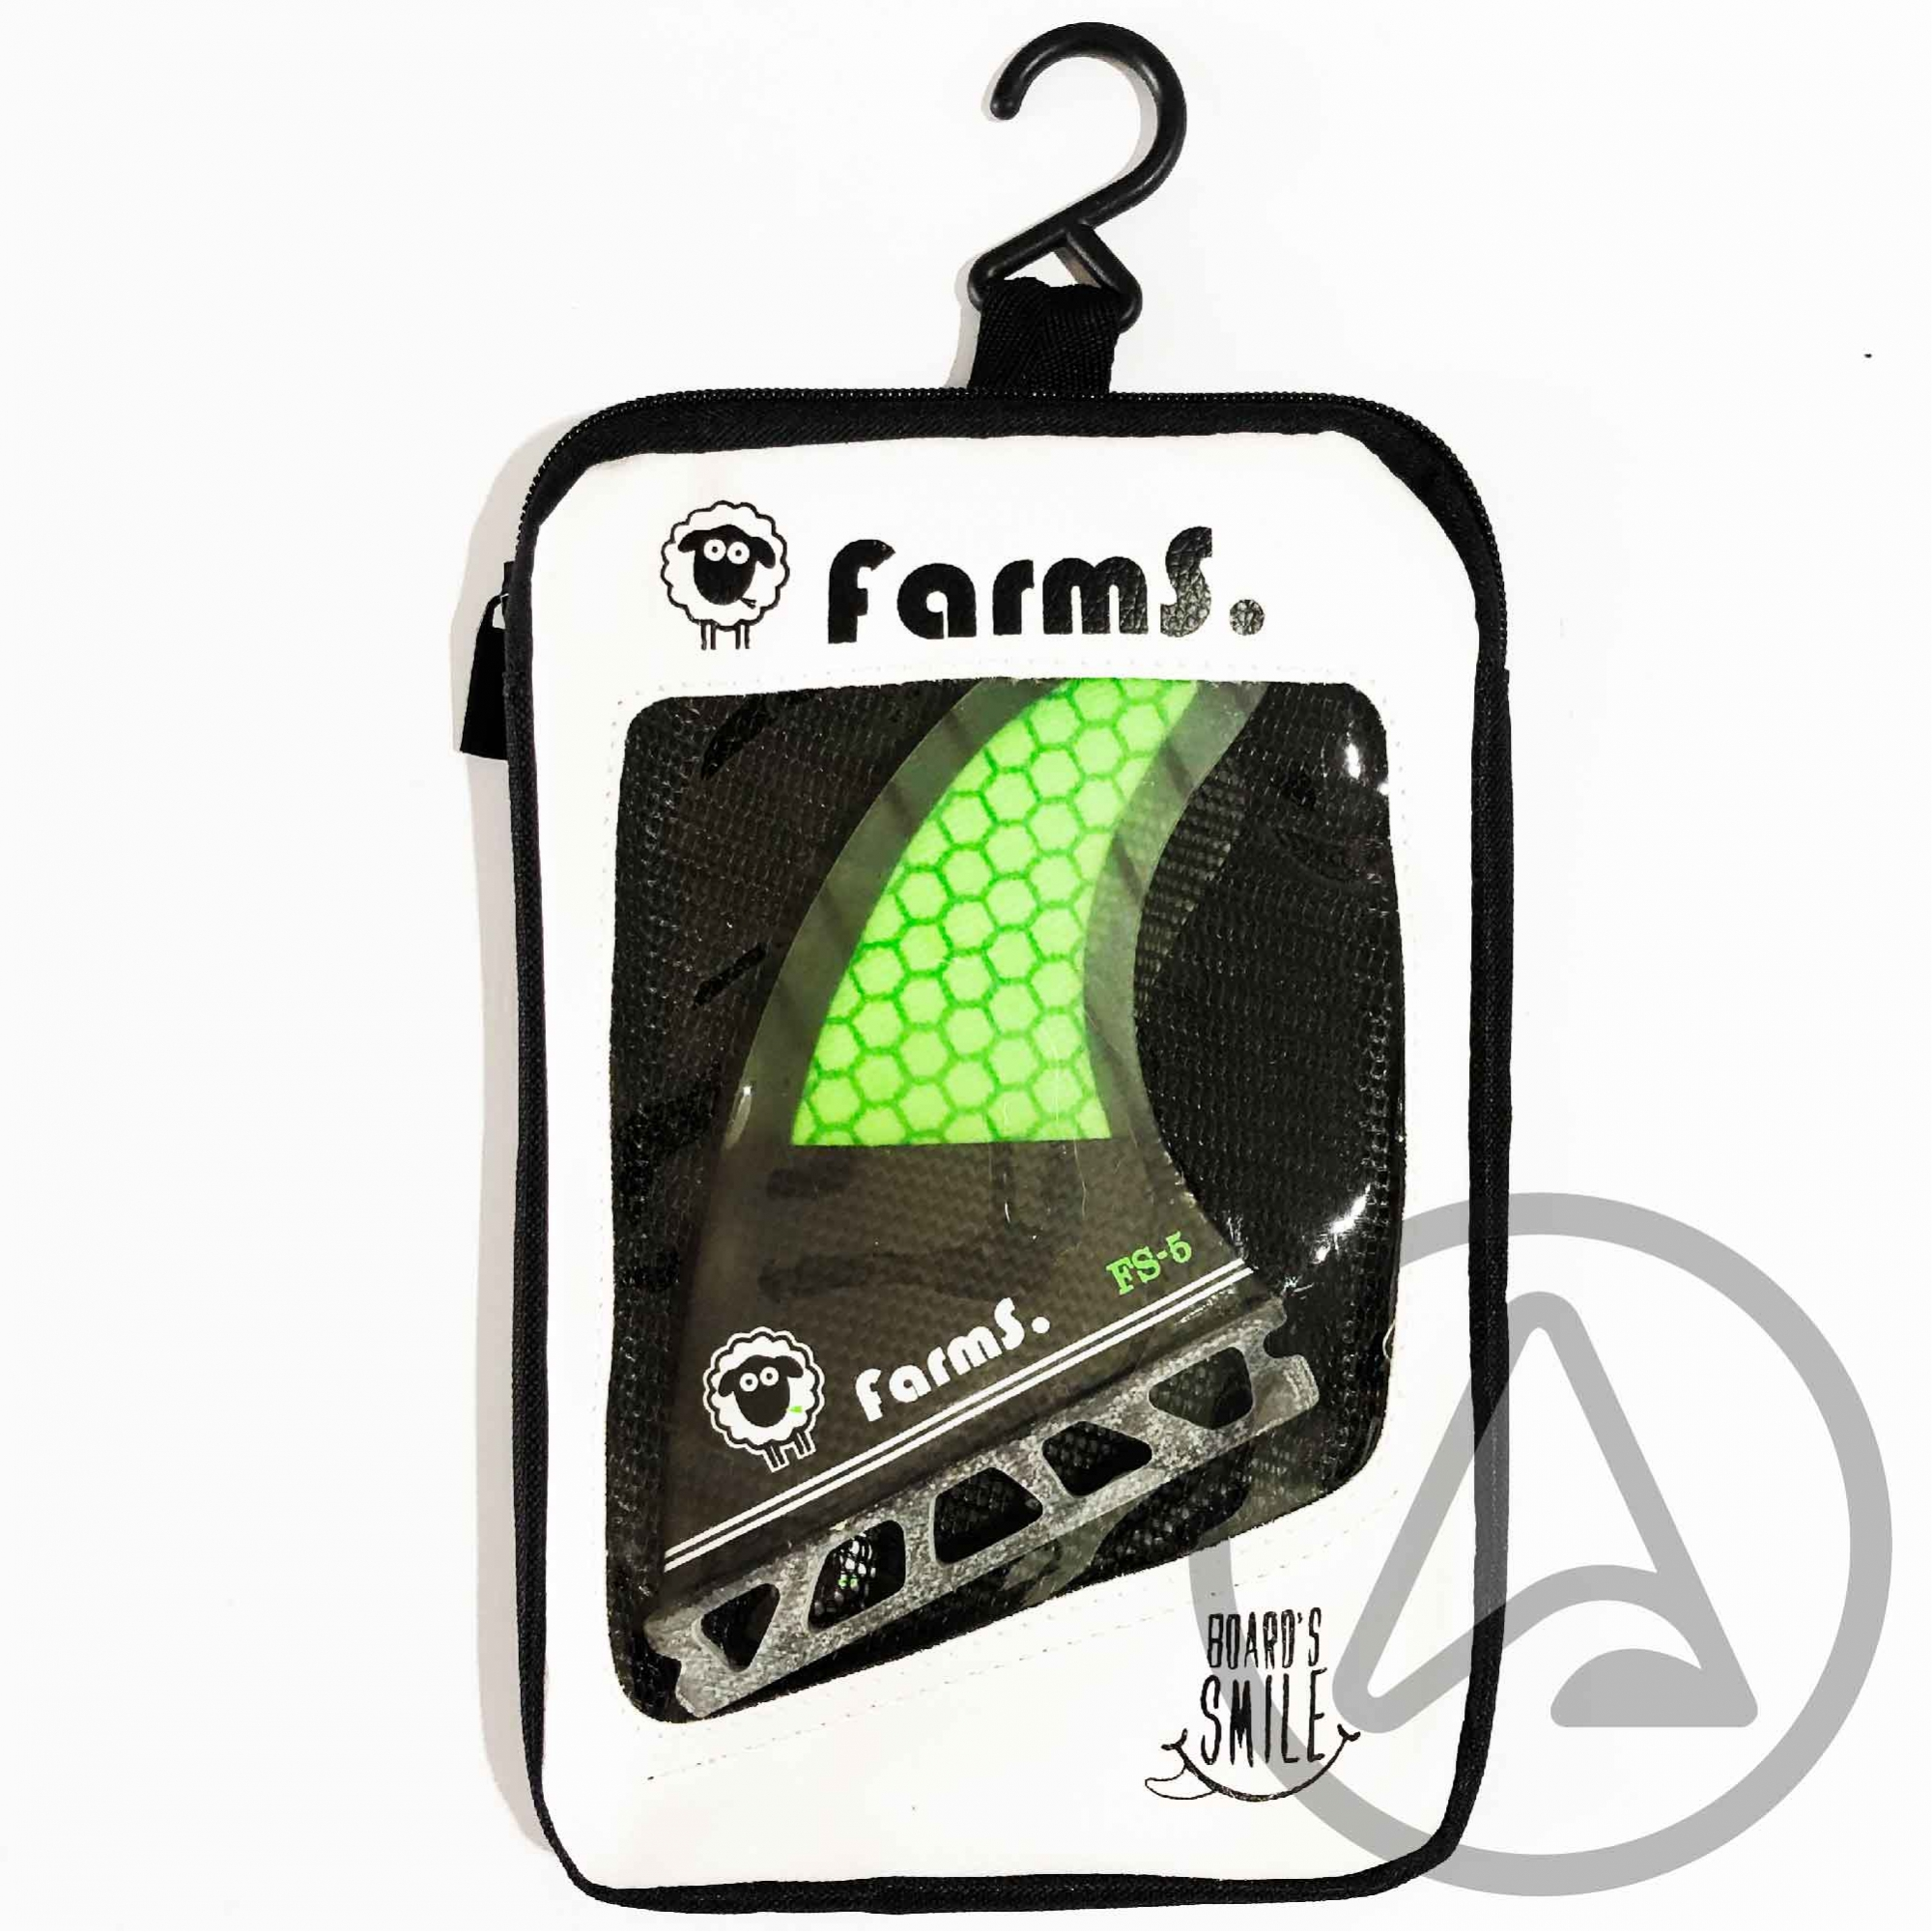 Quilhas Farms Carbono FS-5 - Encaixe FUTURE